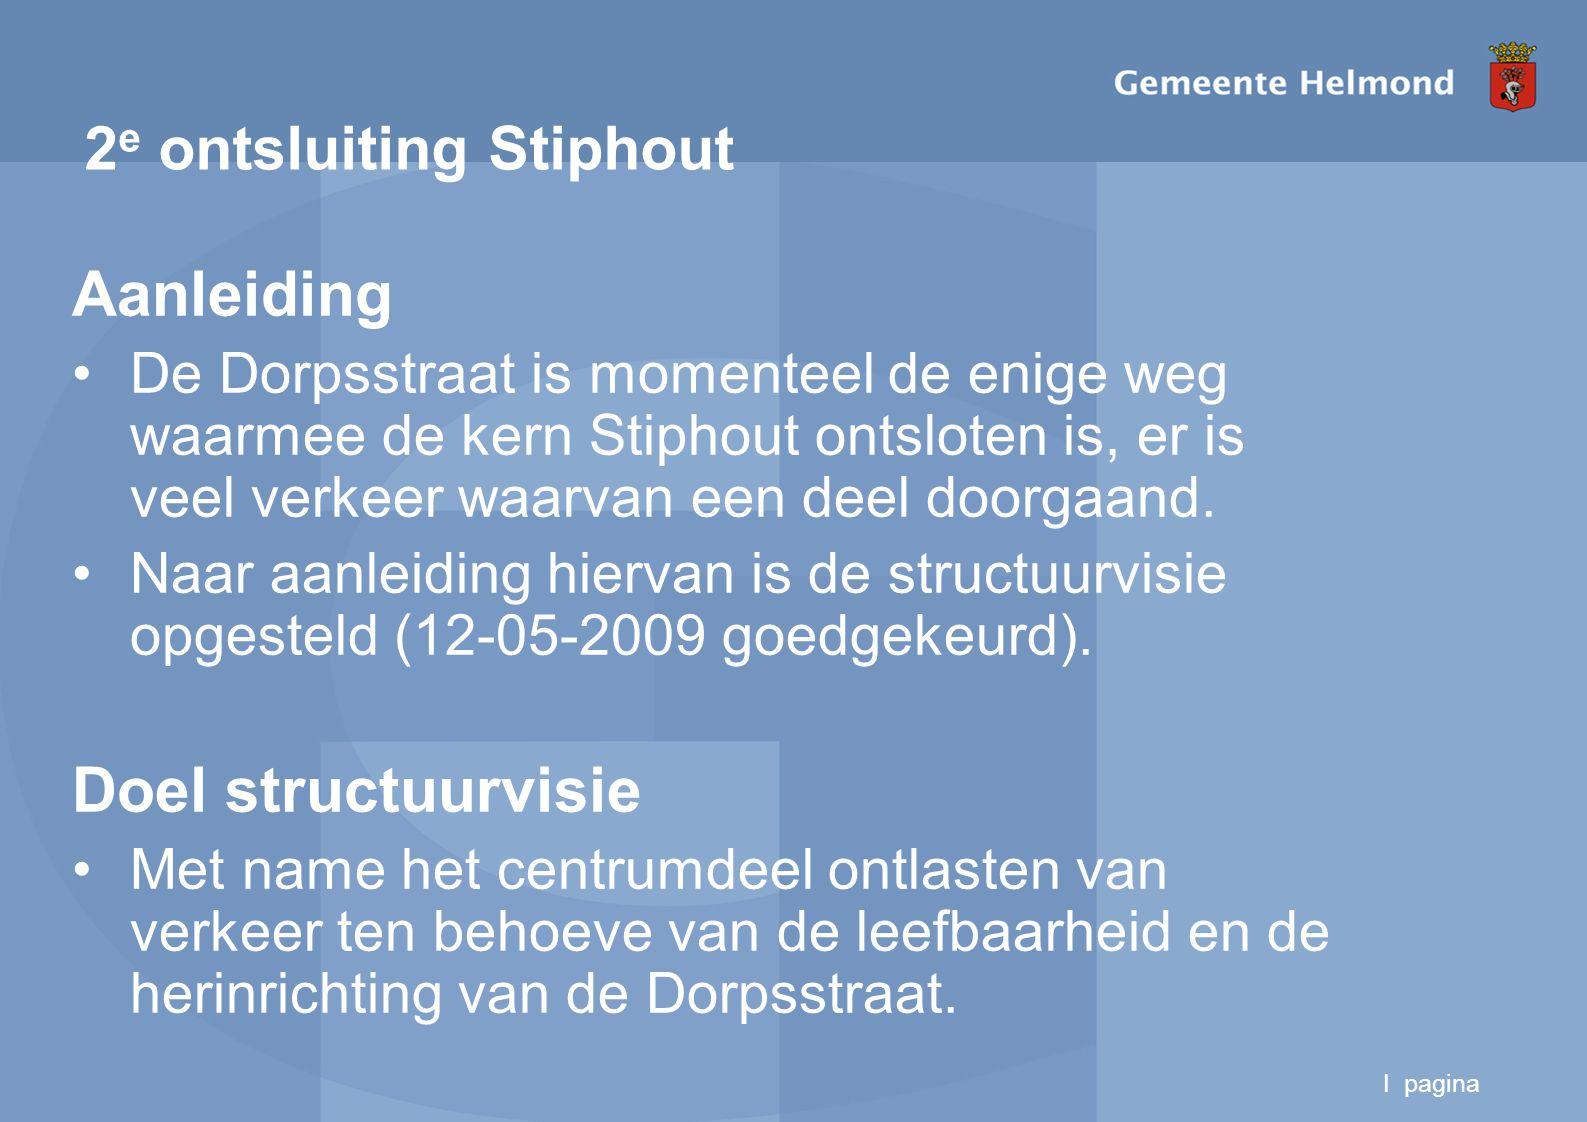 I pagina 2 e ontsluiting Stiphout Aanleiding De Dorpsstraat is momenteel de enige weg waarmee de kern Stiphout ontsloten is, er is veel verkeer waarvan een deel doorgaand.